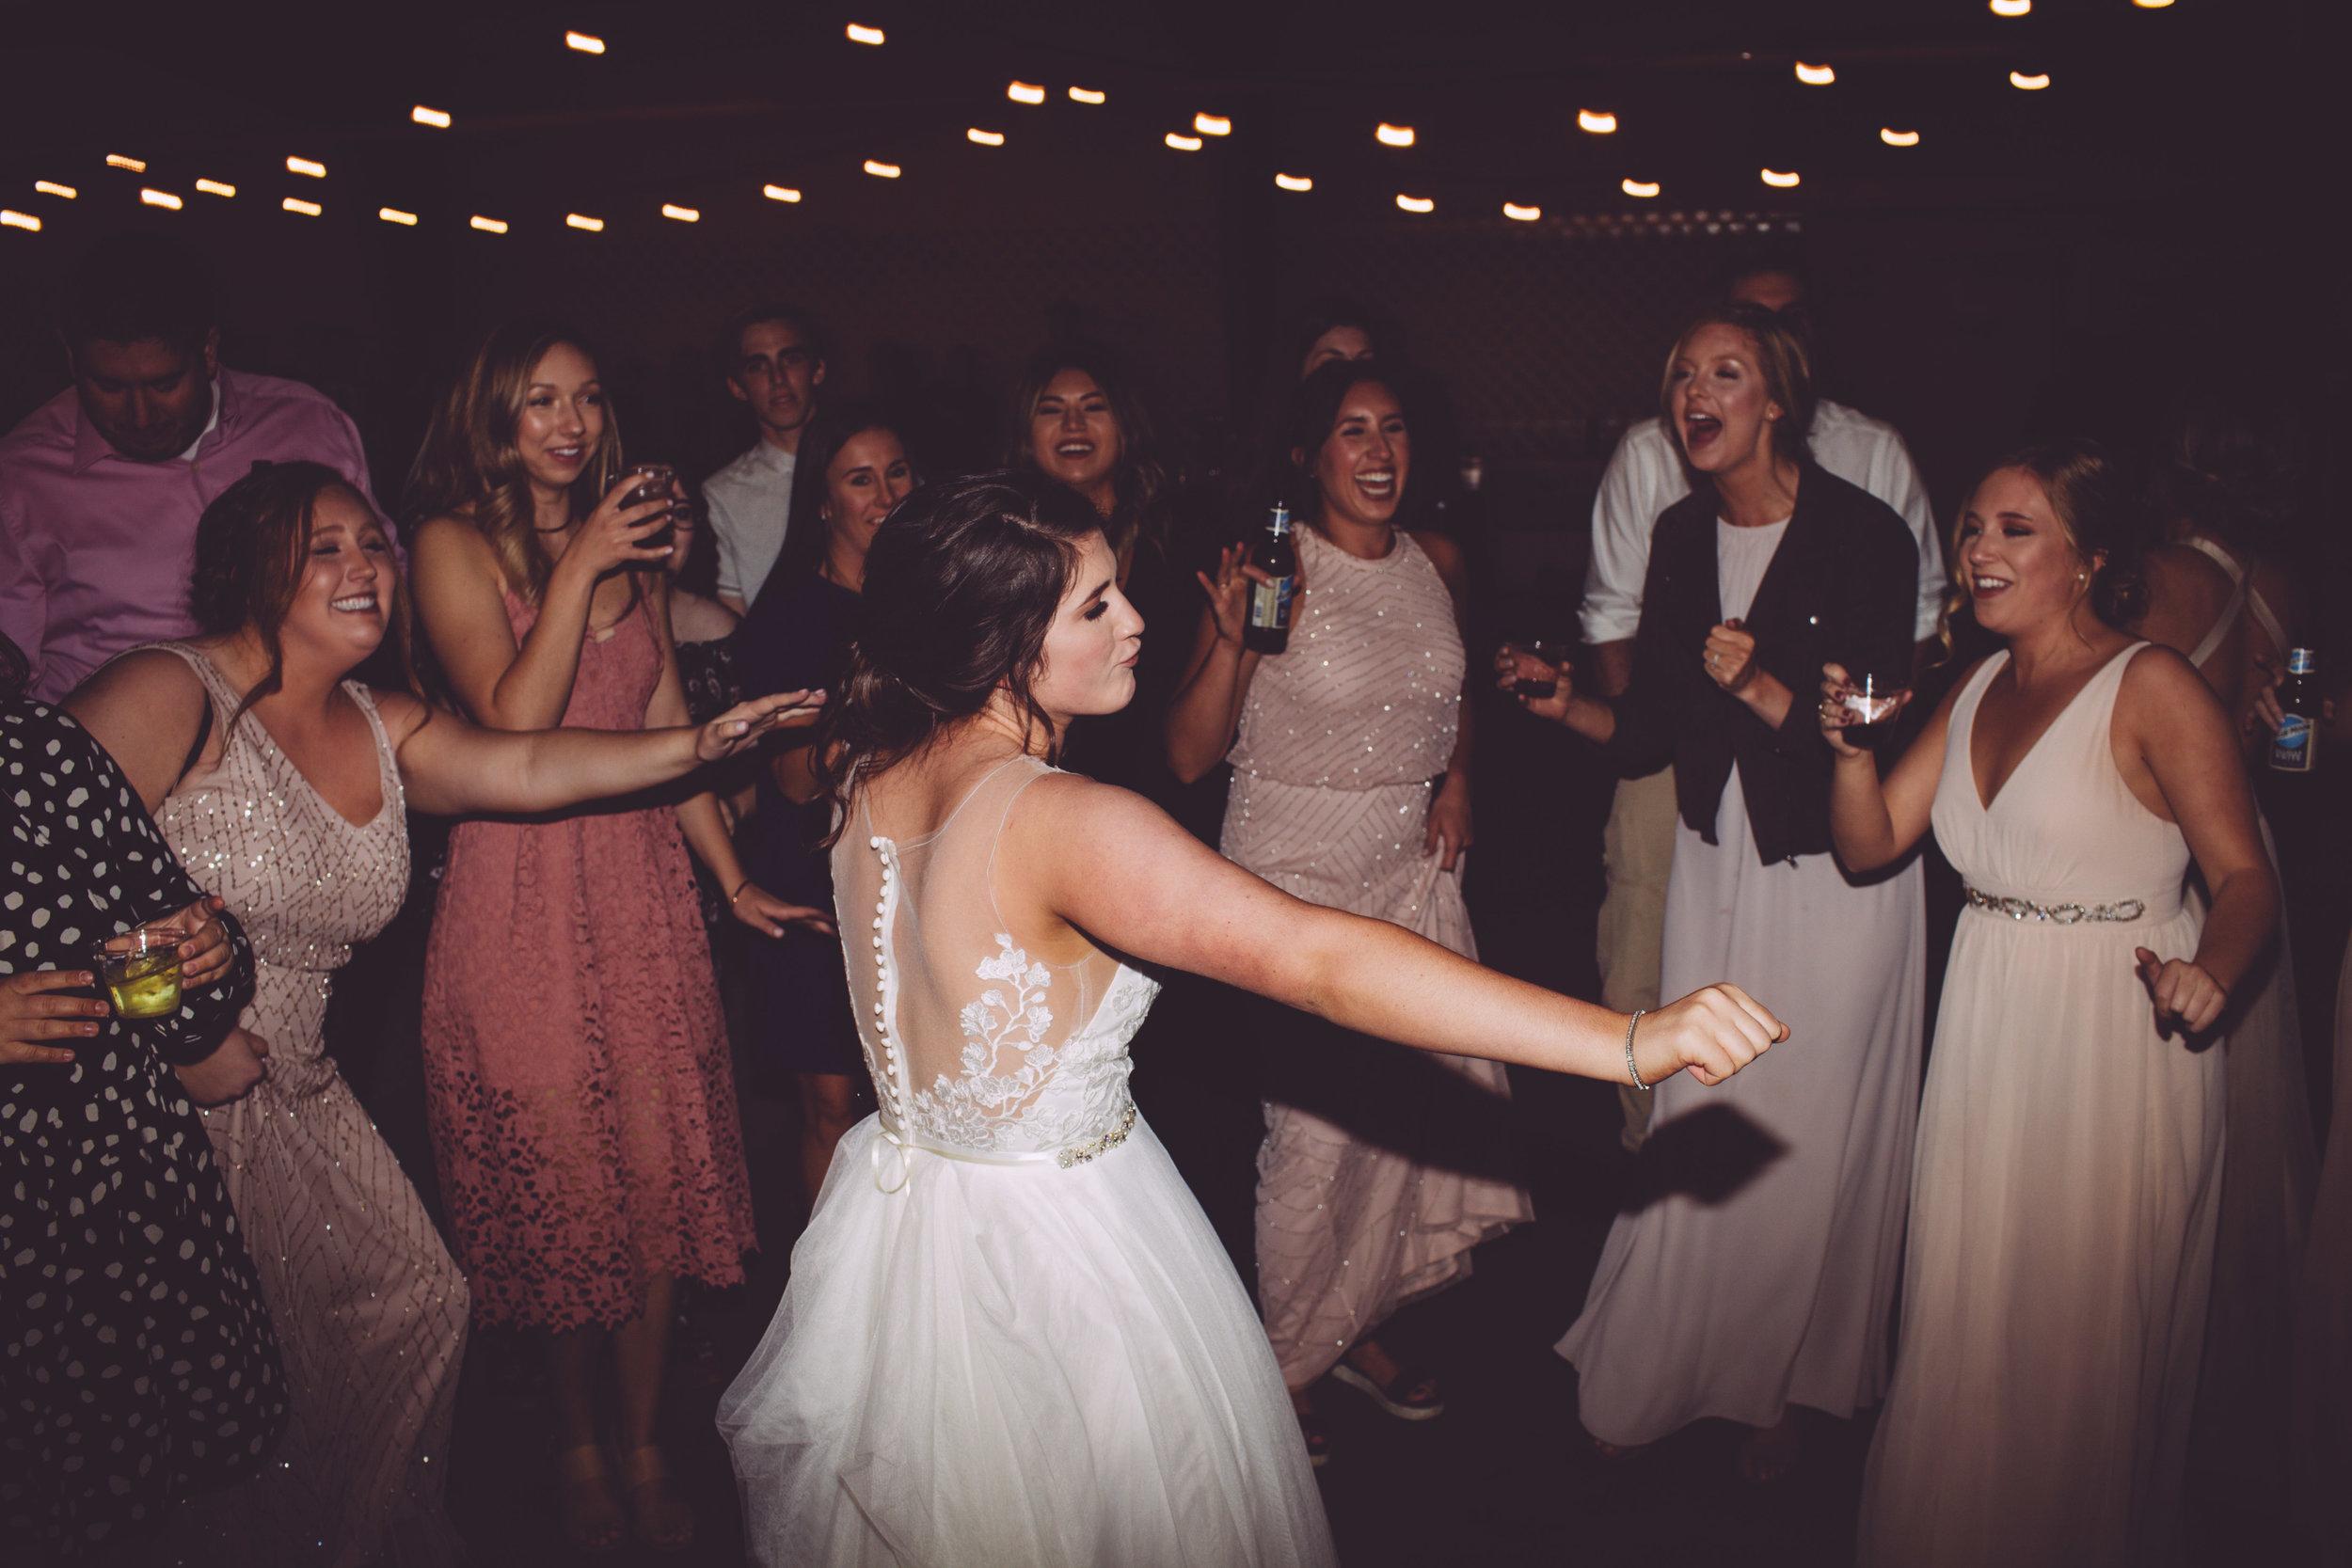 bride dancing with bridesmaids spokane real wedding